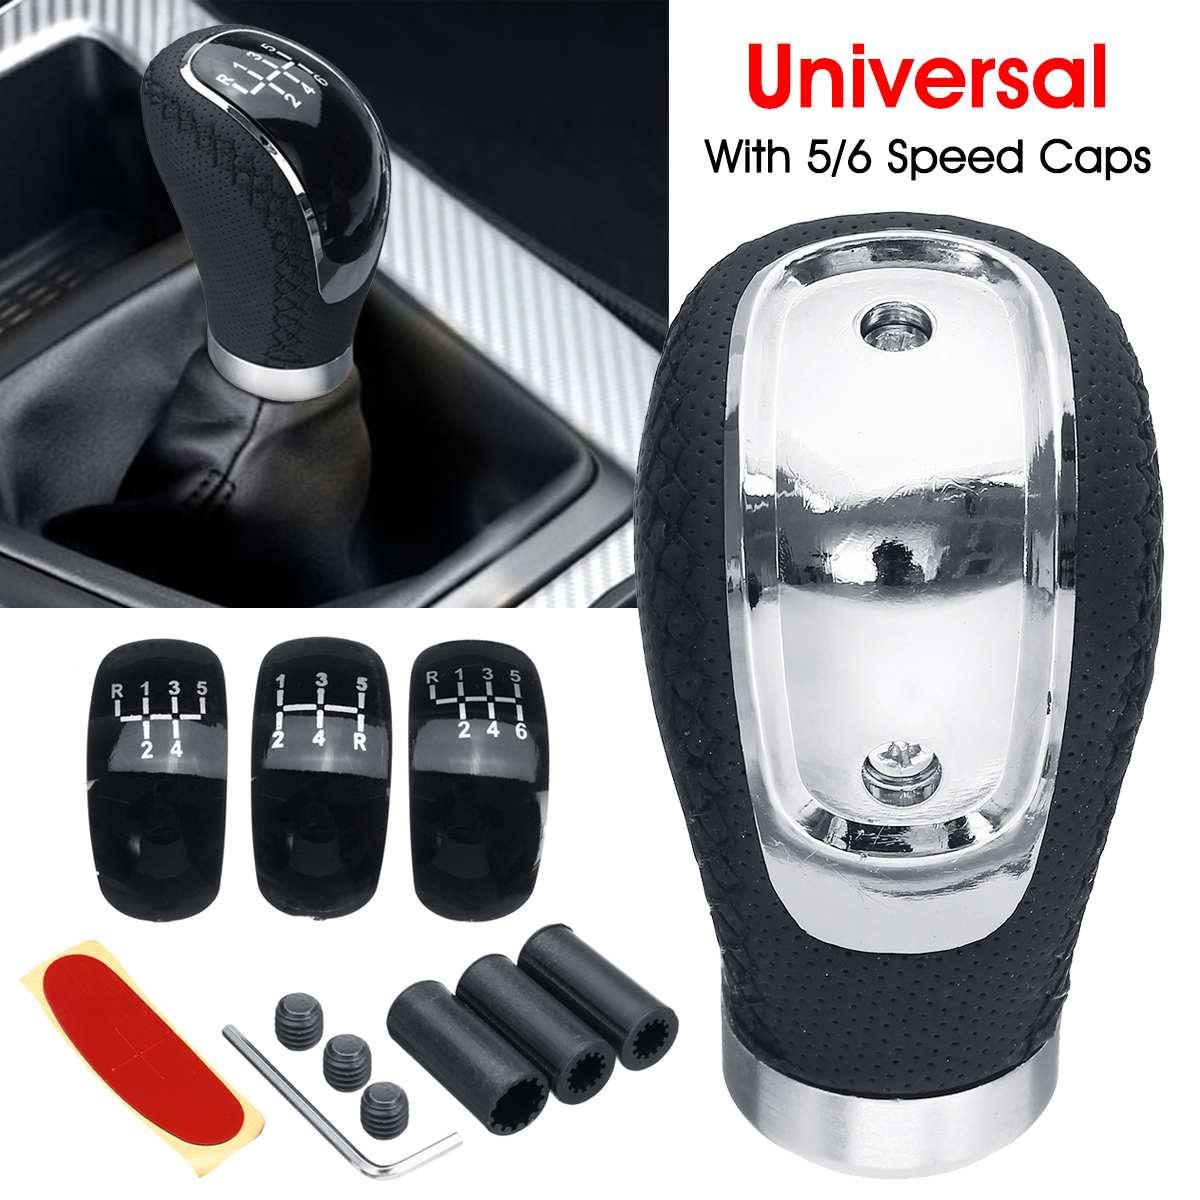 Universal carro de couro do plutônio botão de mudança de engrenagem transmissão manual com botão de engrenagem tampa 5/6 velocidade alavanca shifter